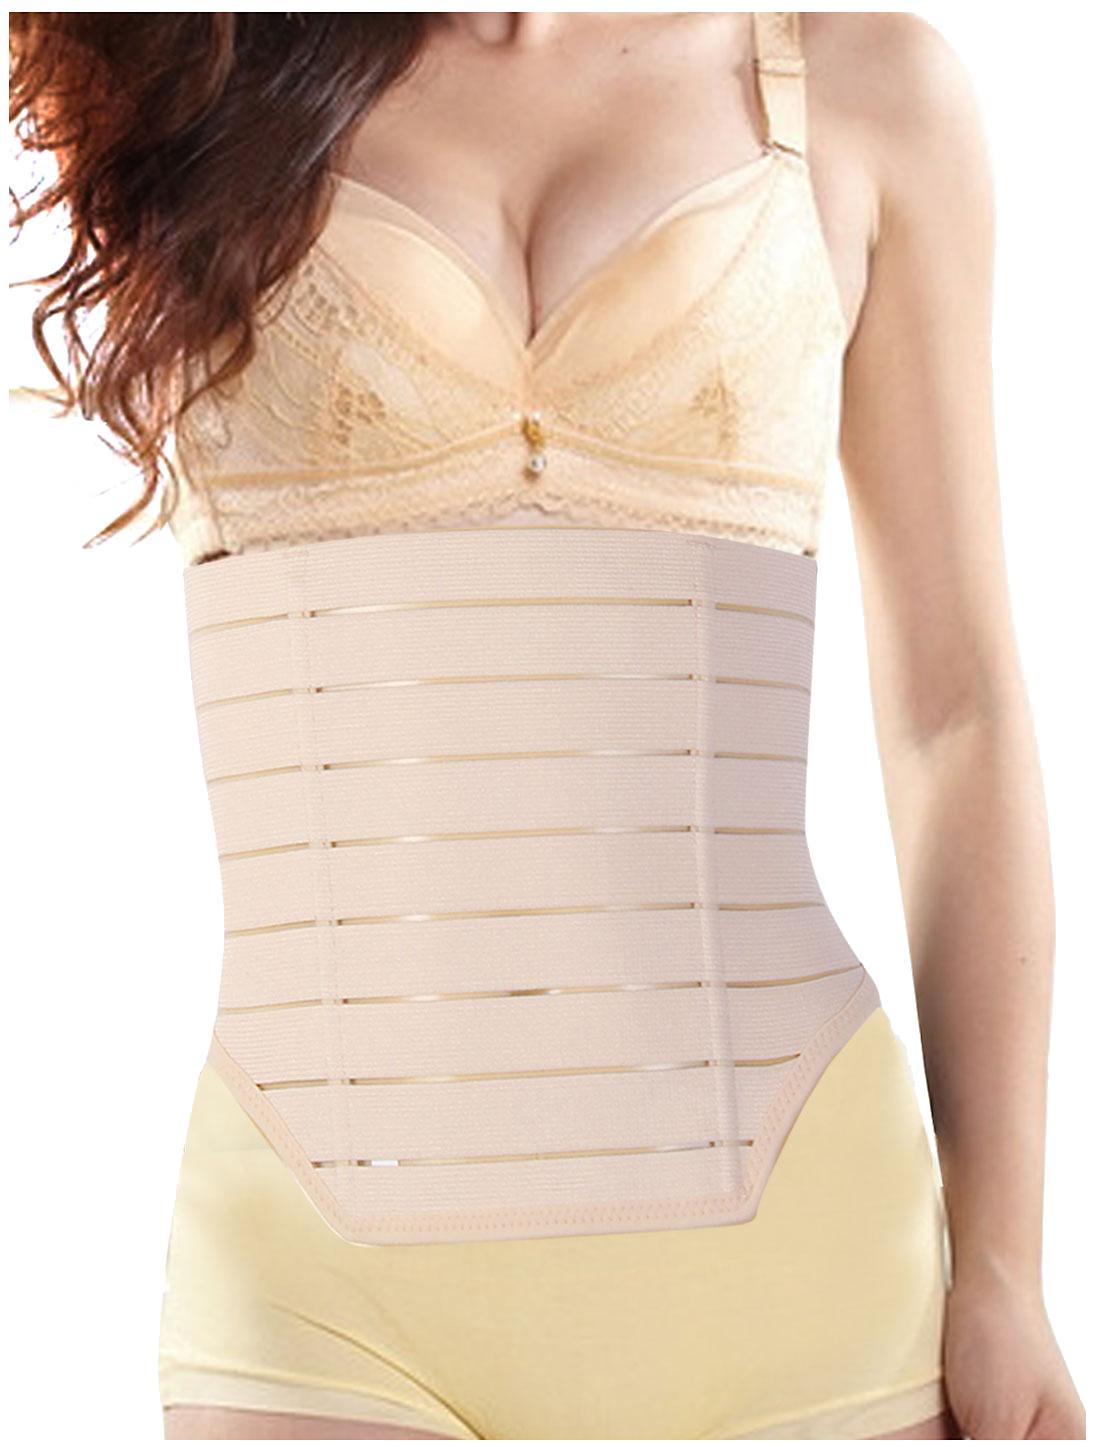 Lady Beige Belly Slim Body Shapewear Belt Corset Waist Cincher Trimmer Girdle Band XL